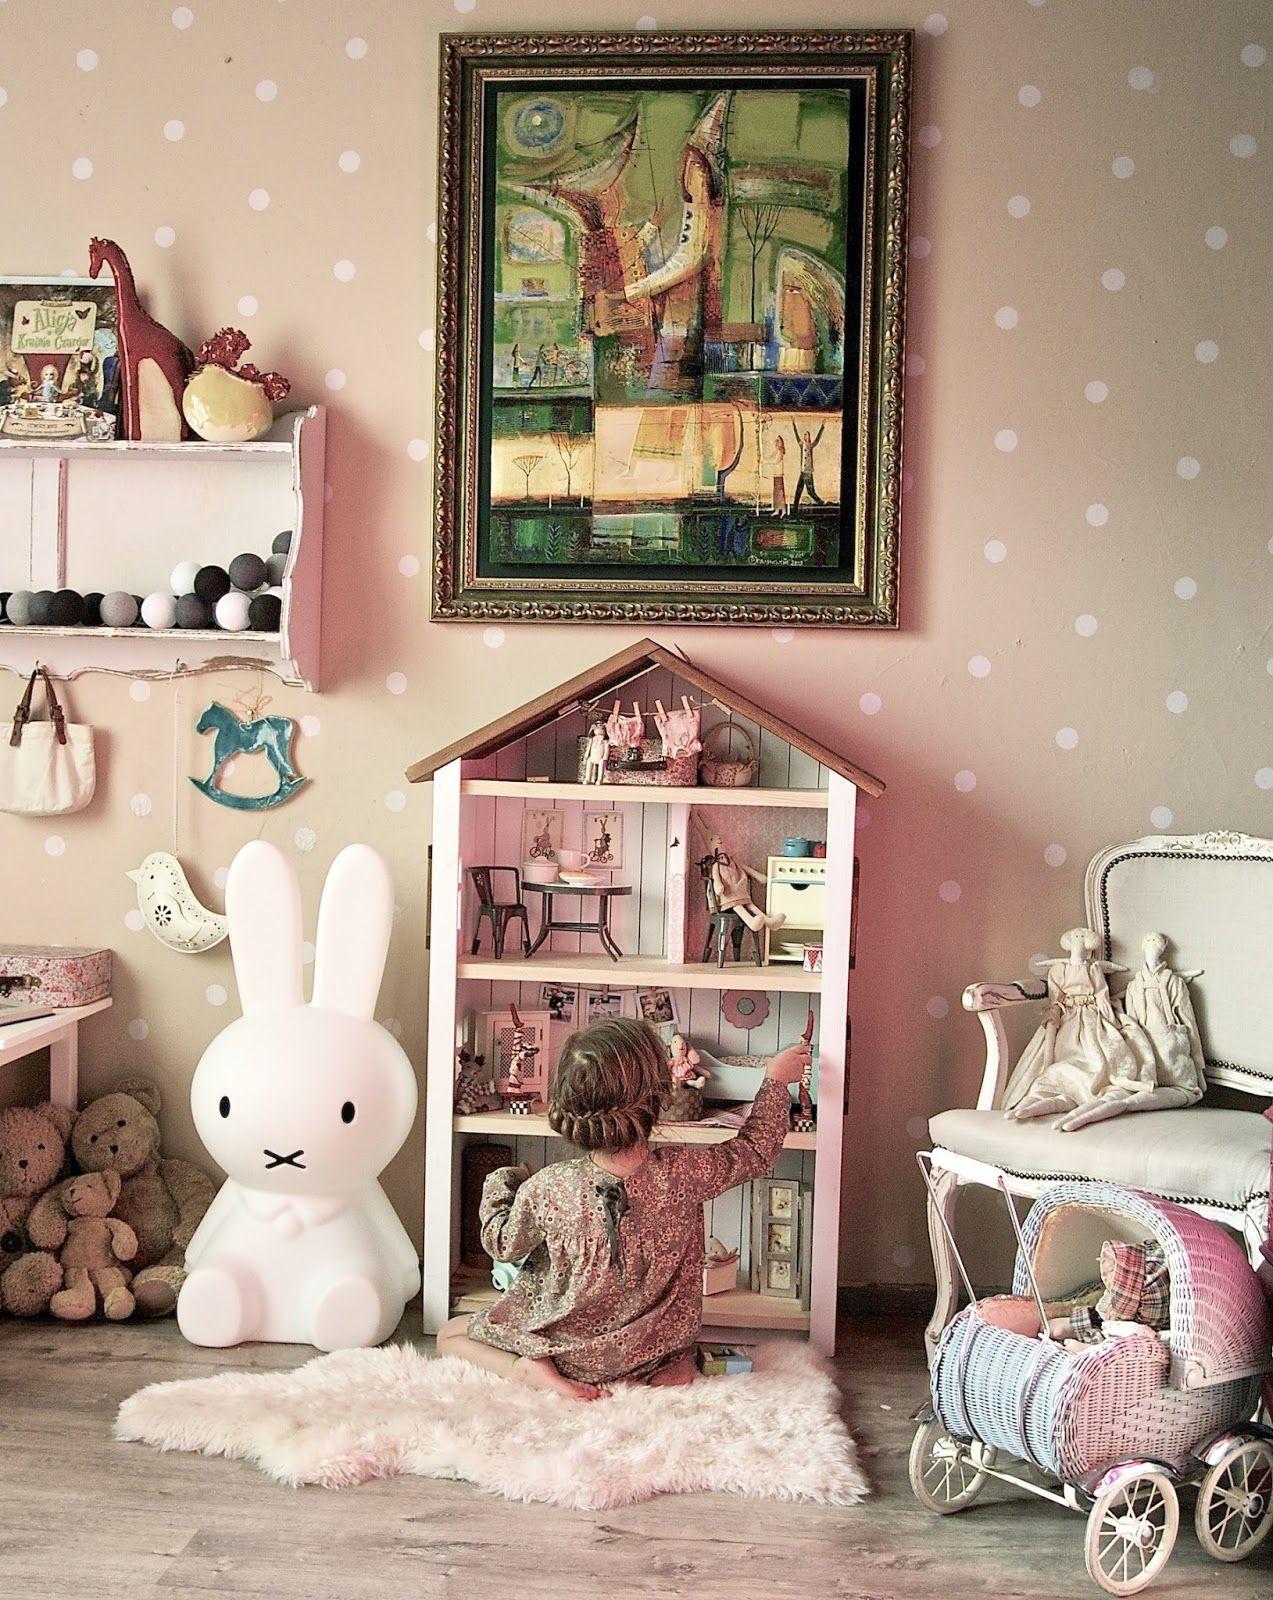 Vivi Oli S Bunk Bed Vivi Oli Baby Fashion Life Kids Room Girls Bedroom Kids Bedroom